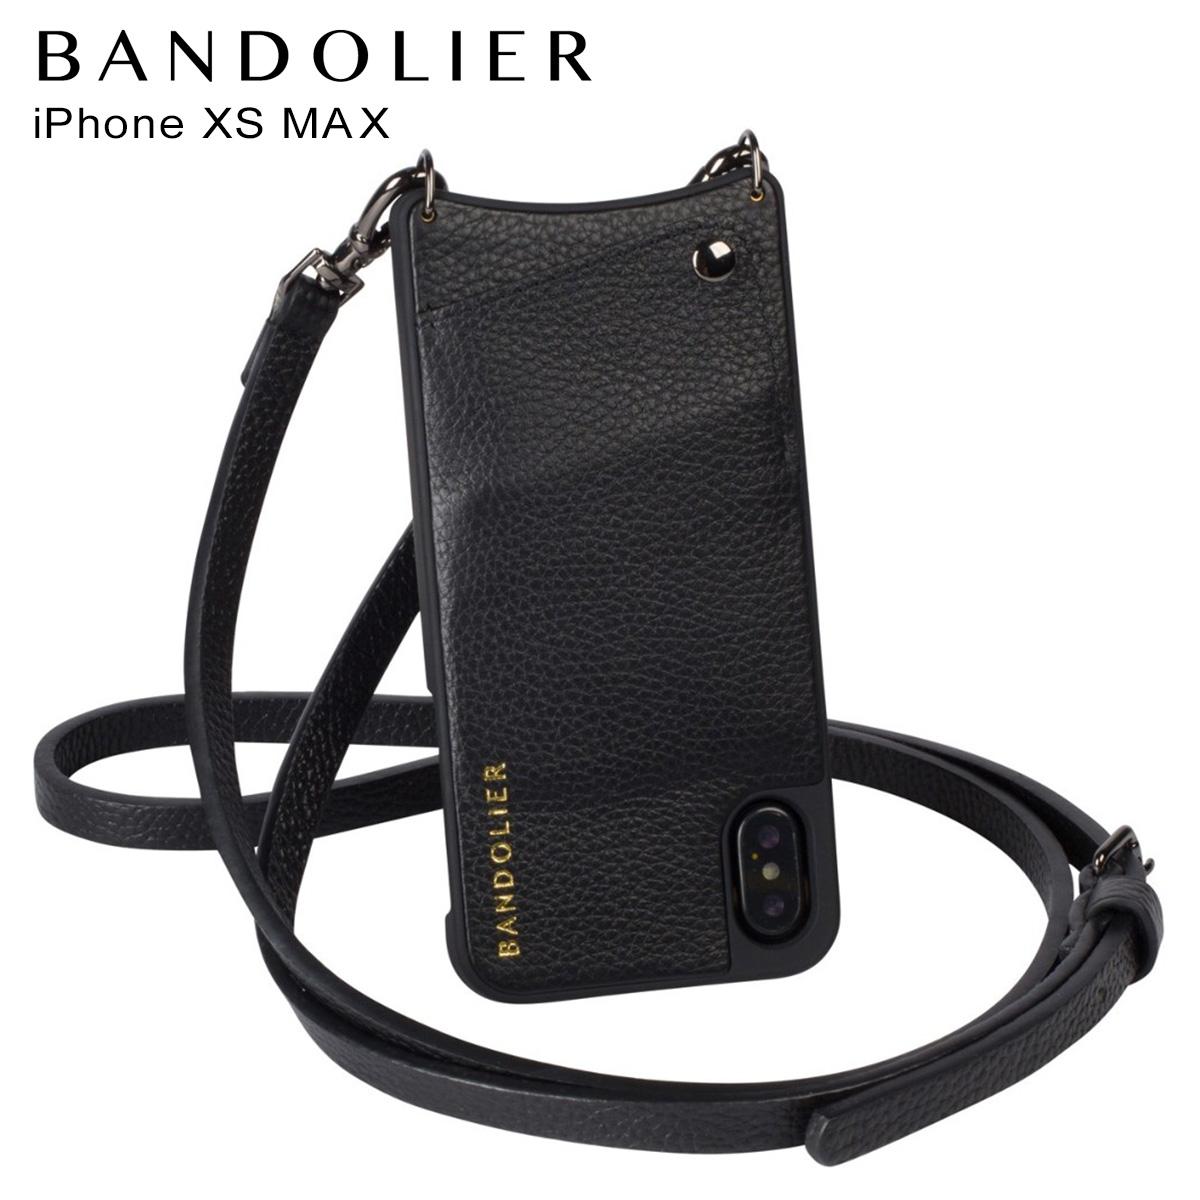 バンドリヤー BANDOLIER iPhone XS MAX ケース スマホ 携帯 ショルダー アイフォン レザー EMMA PEWTER メンズ レディース ブラック 10EMM1001